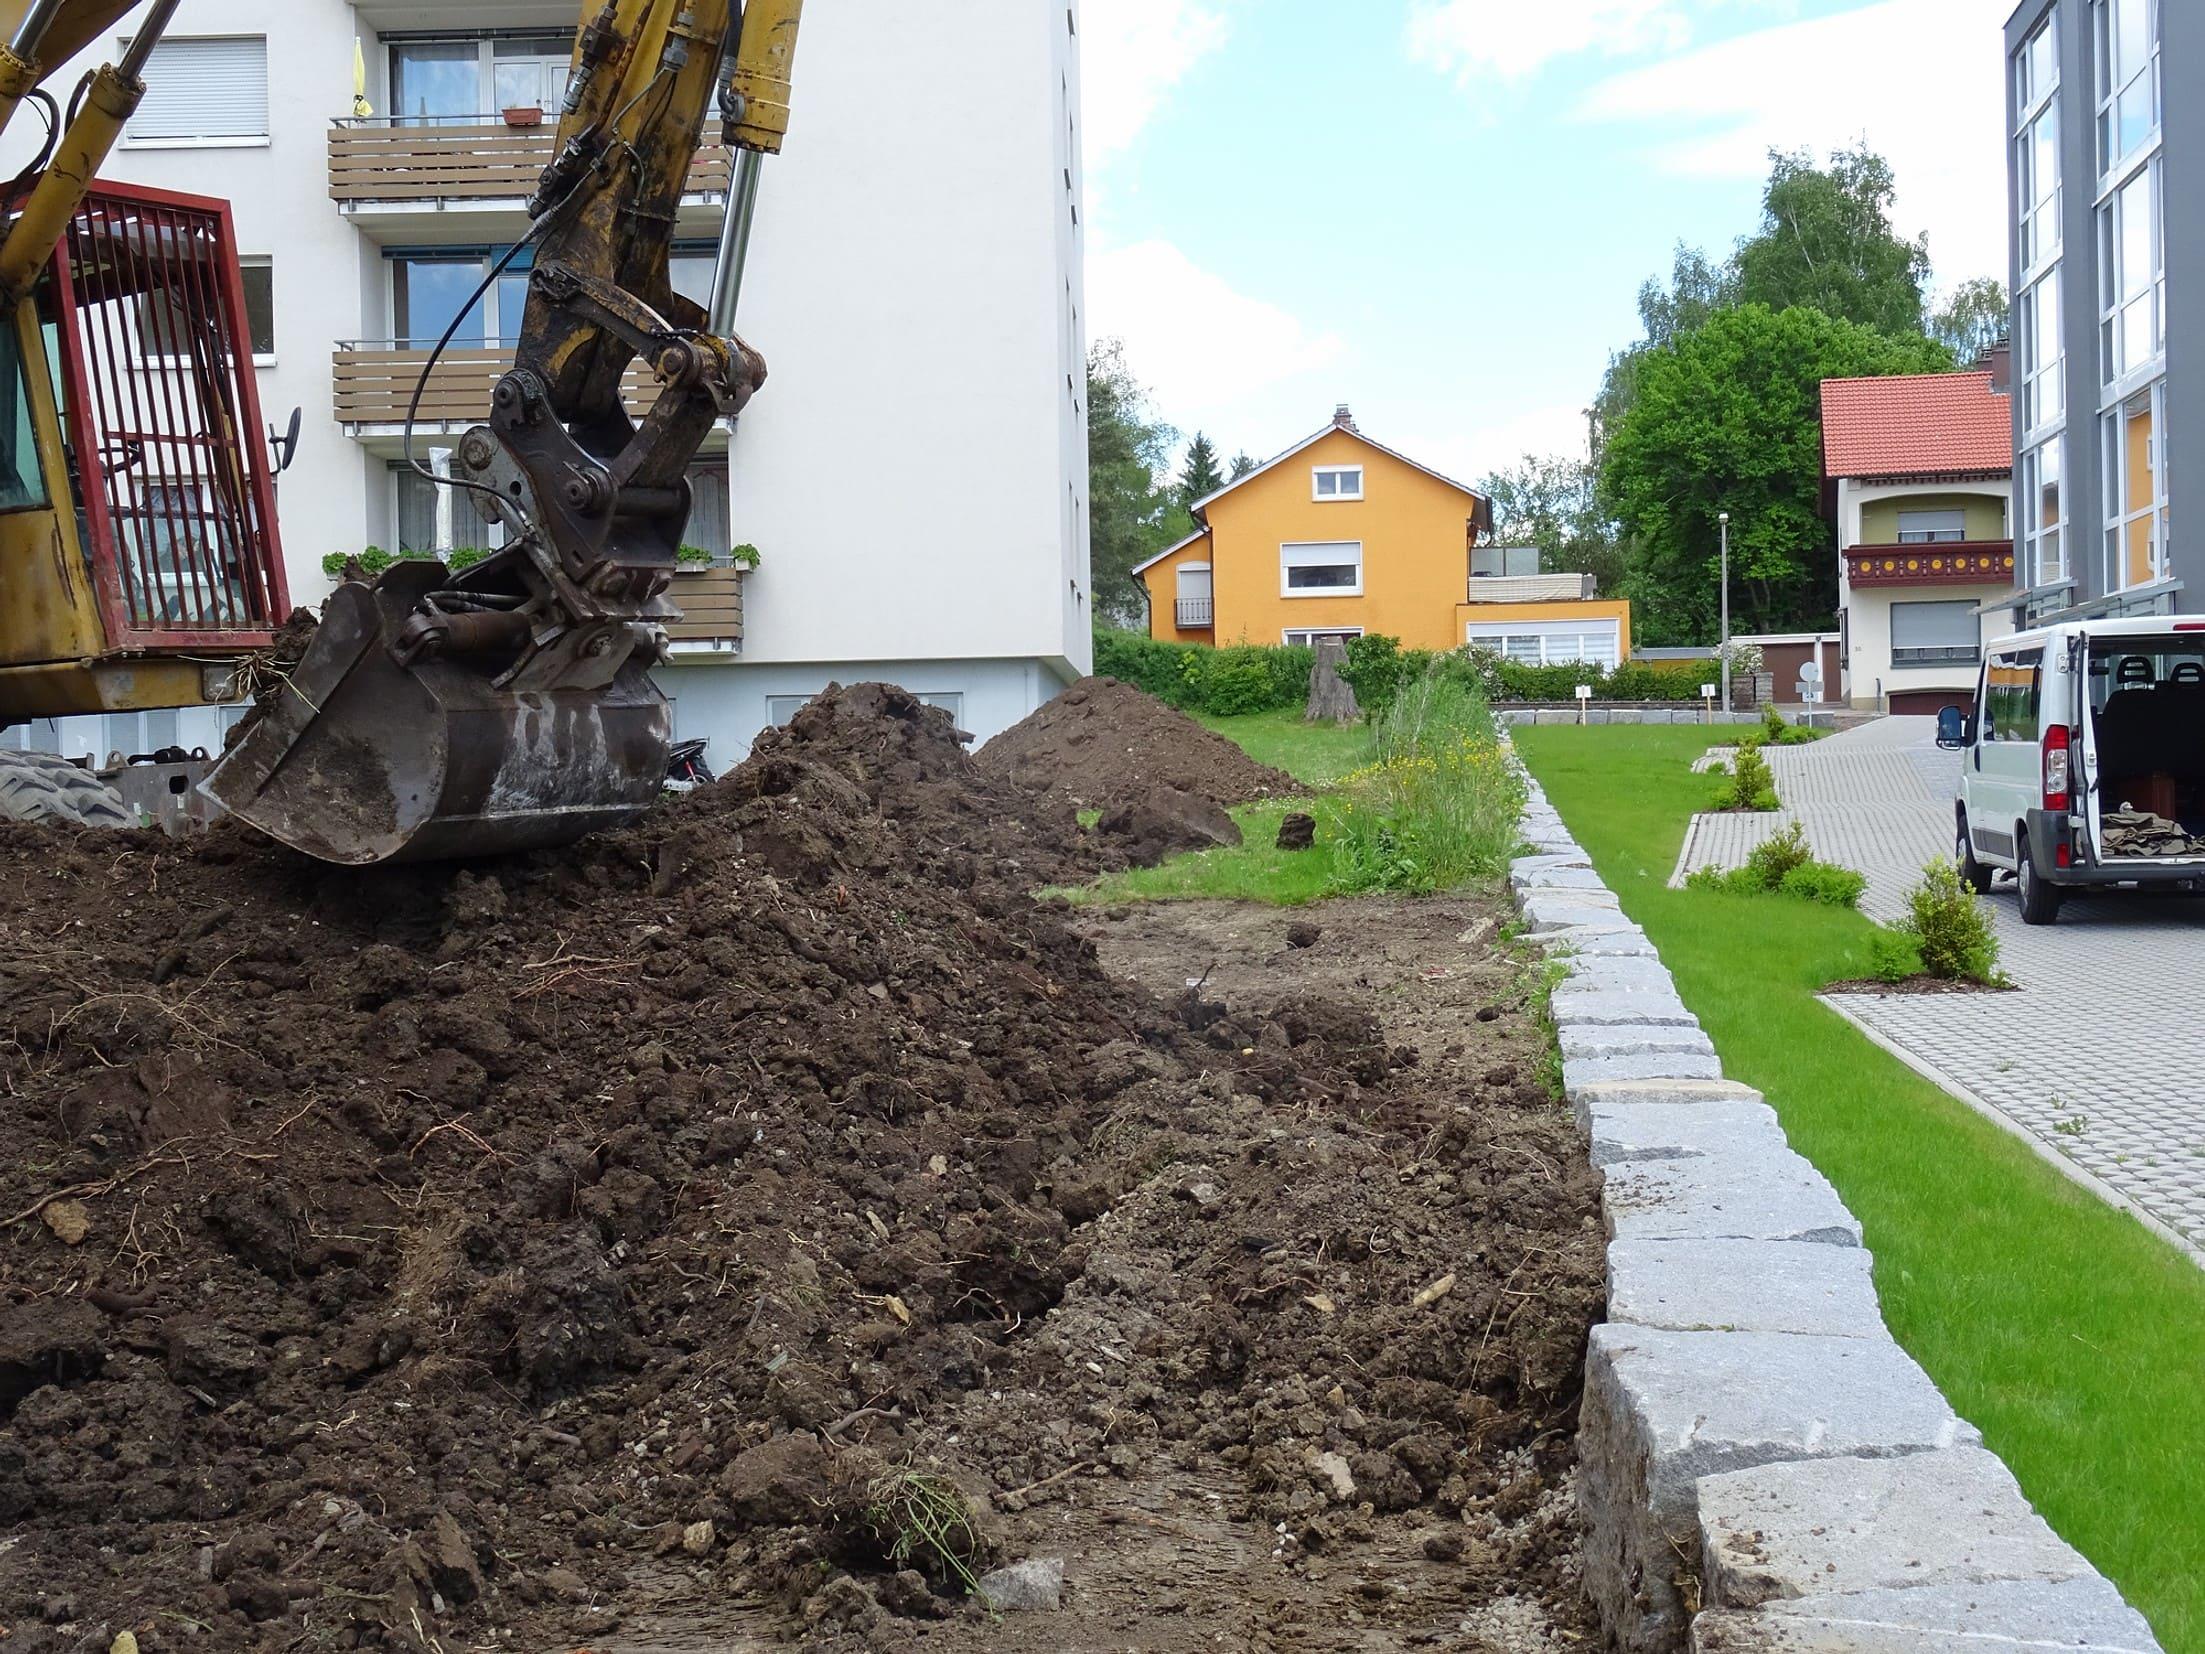 Gartenpflege und Dienstleisungen3